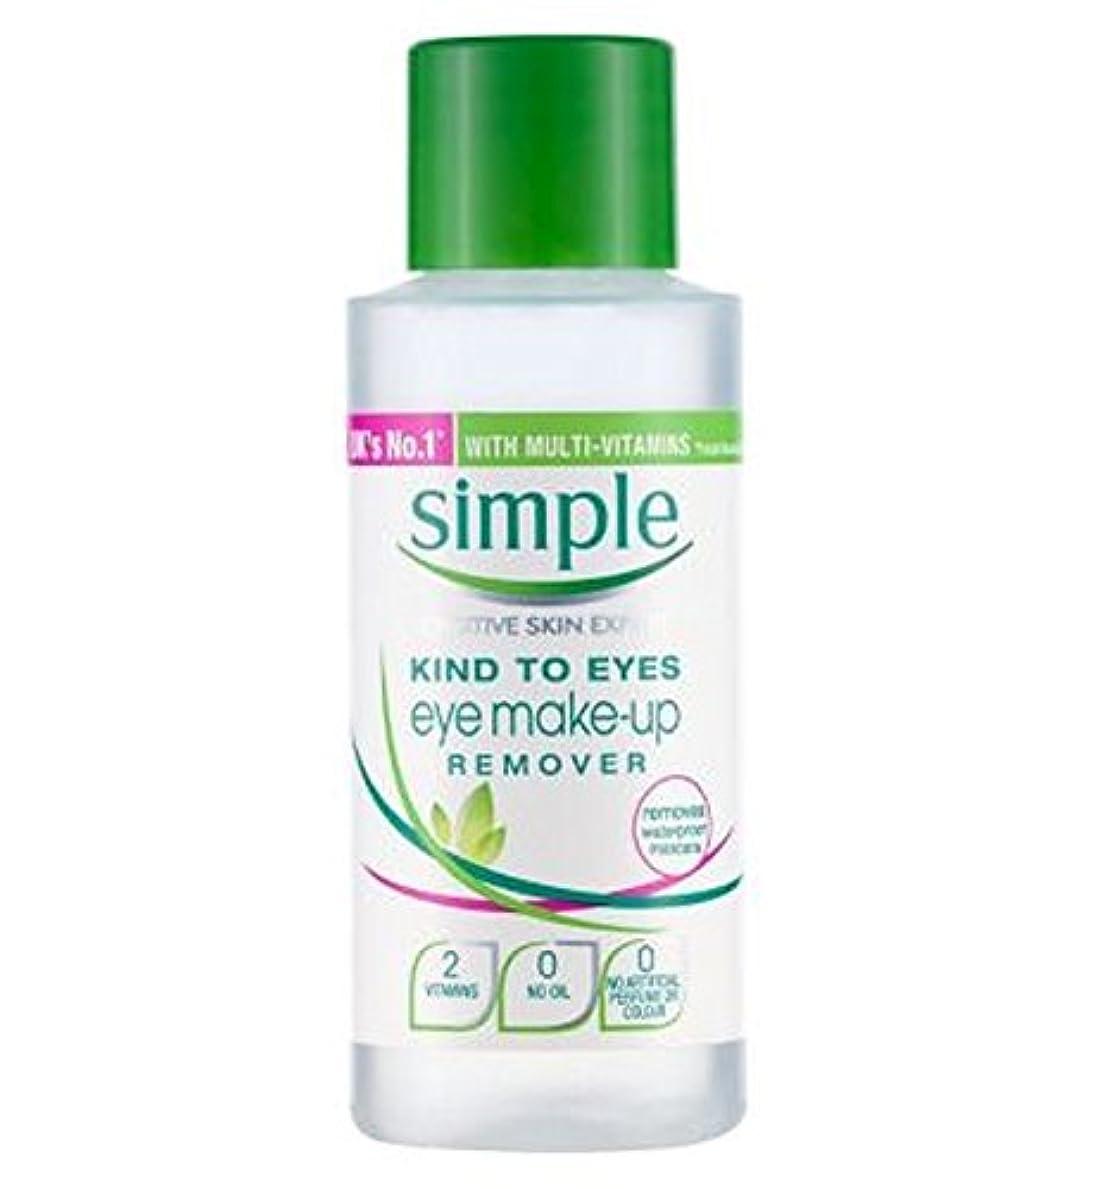 笑写真を描く含意Simple Kind to Eyes Eye Make-Up Remover 50ml - 目のアイメイクアップリムーバーの50ミリリットルへの単純な種類 (Simple) [並行輸入品]